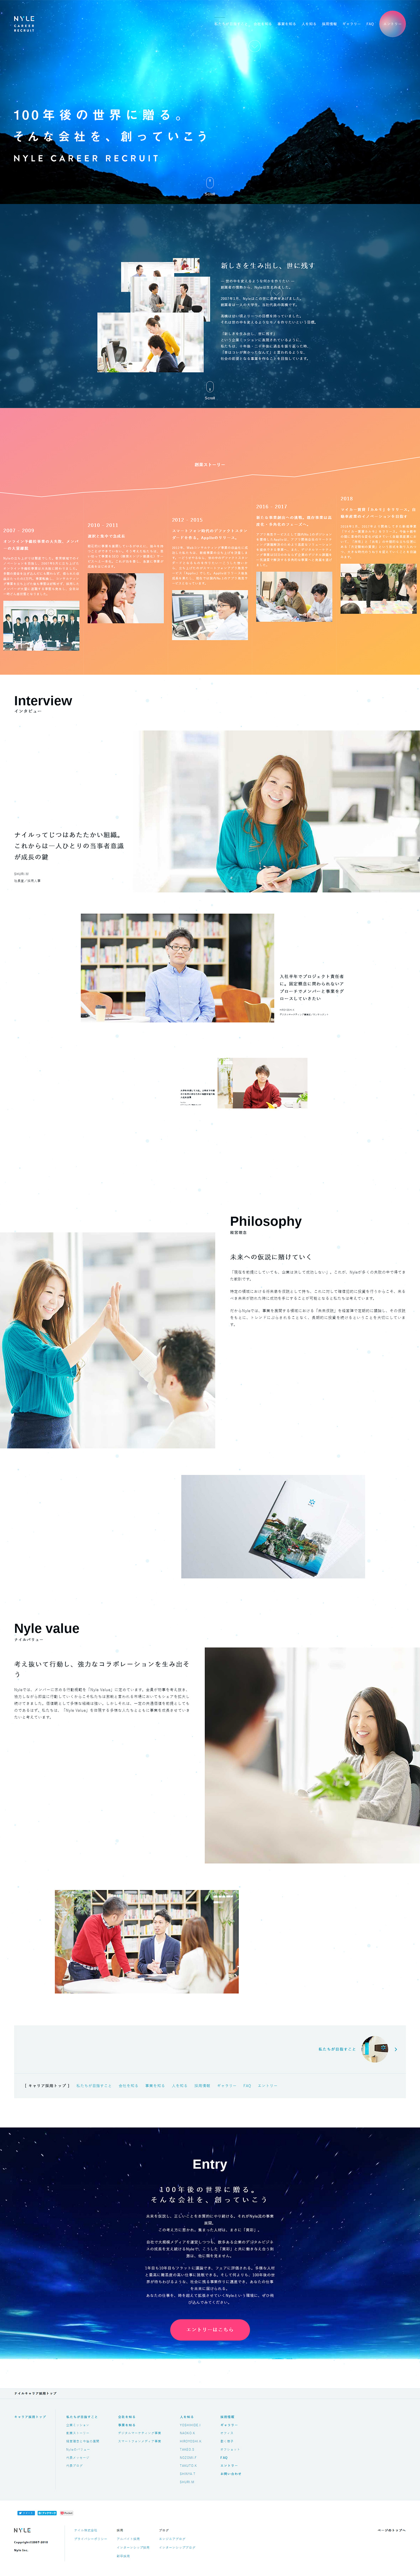 キャリア採用 | ナイル株式会社-创意,网页设计,创意设计,创意网站,字体设计,设计网站,设计作品,网站欣赏,优,ui设计,设计,设计师,平面设计,电商设计,动漫设计,网站设计